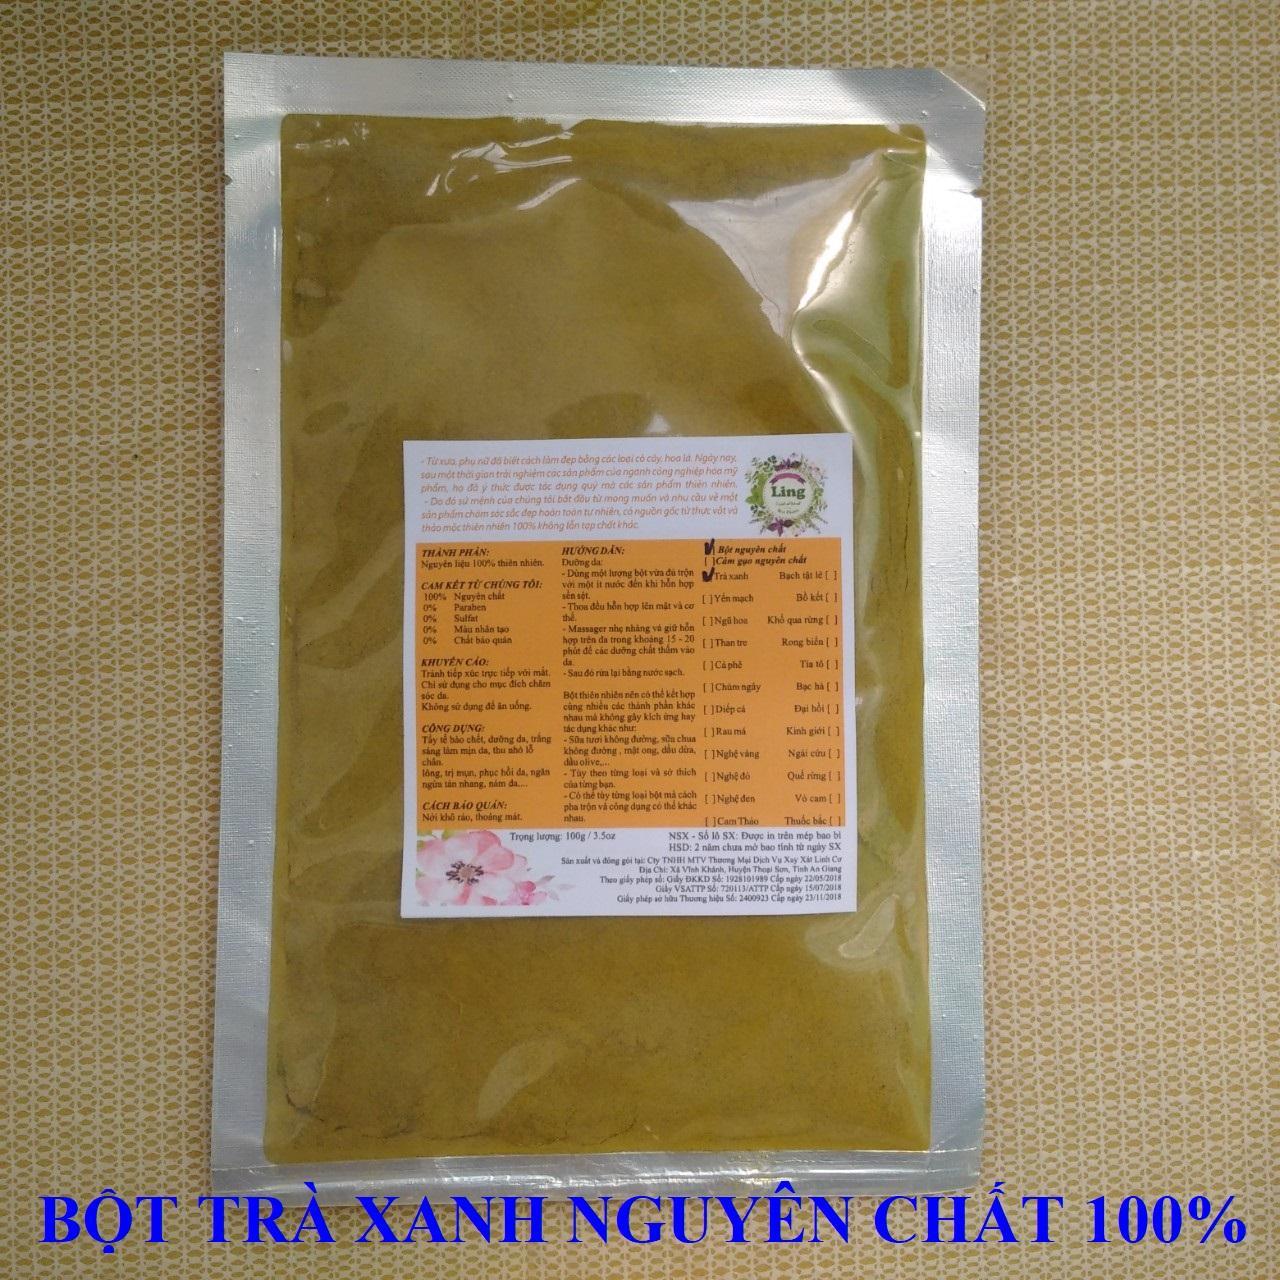 Bột Trà xanh mặt nạ đắp mặt nguyên chất Ling 200g nhiều công dụng